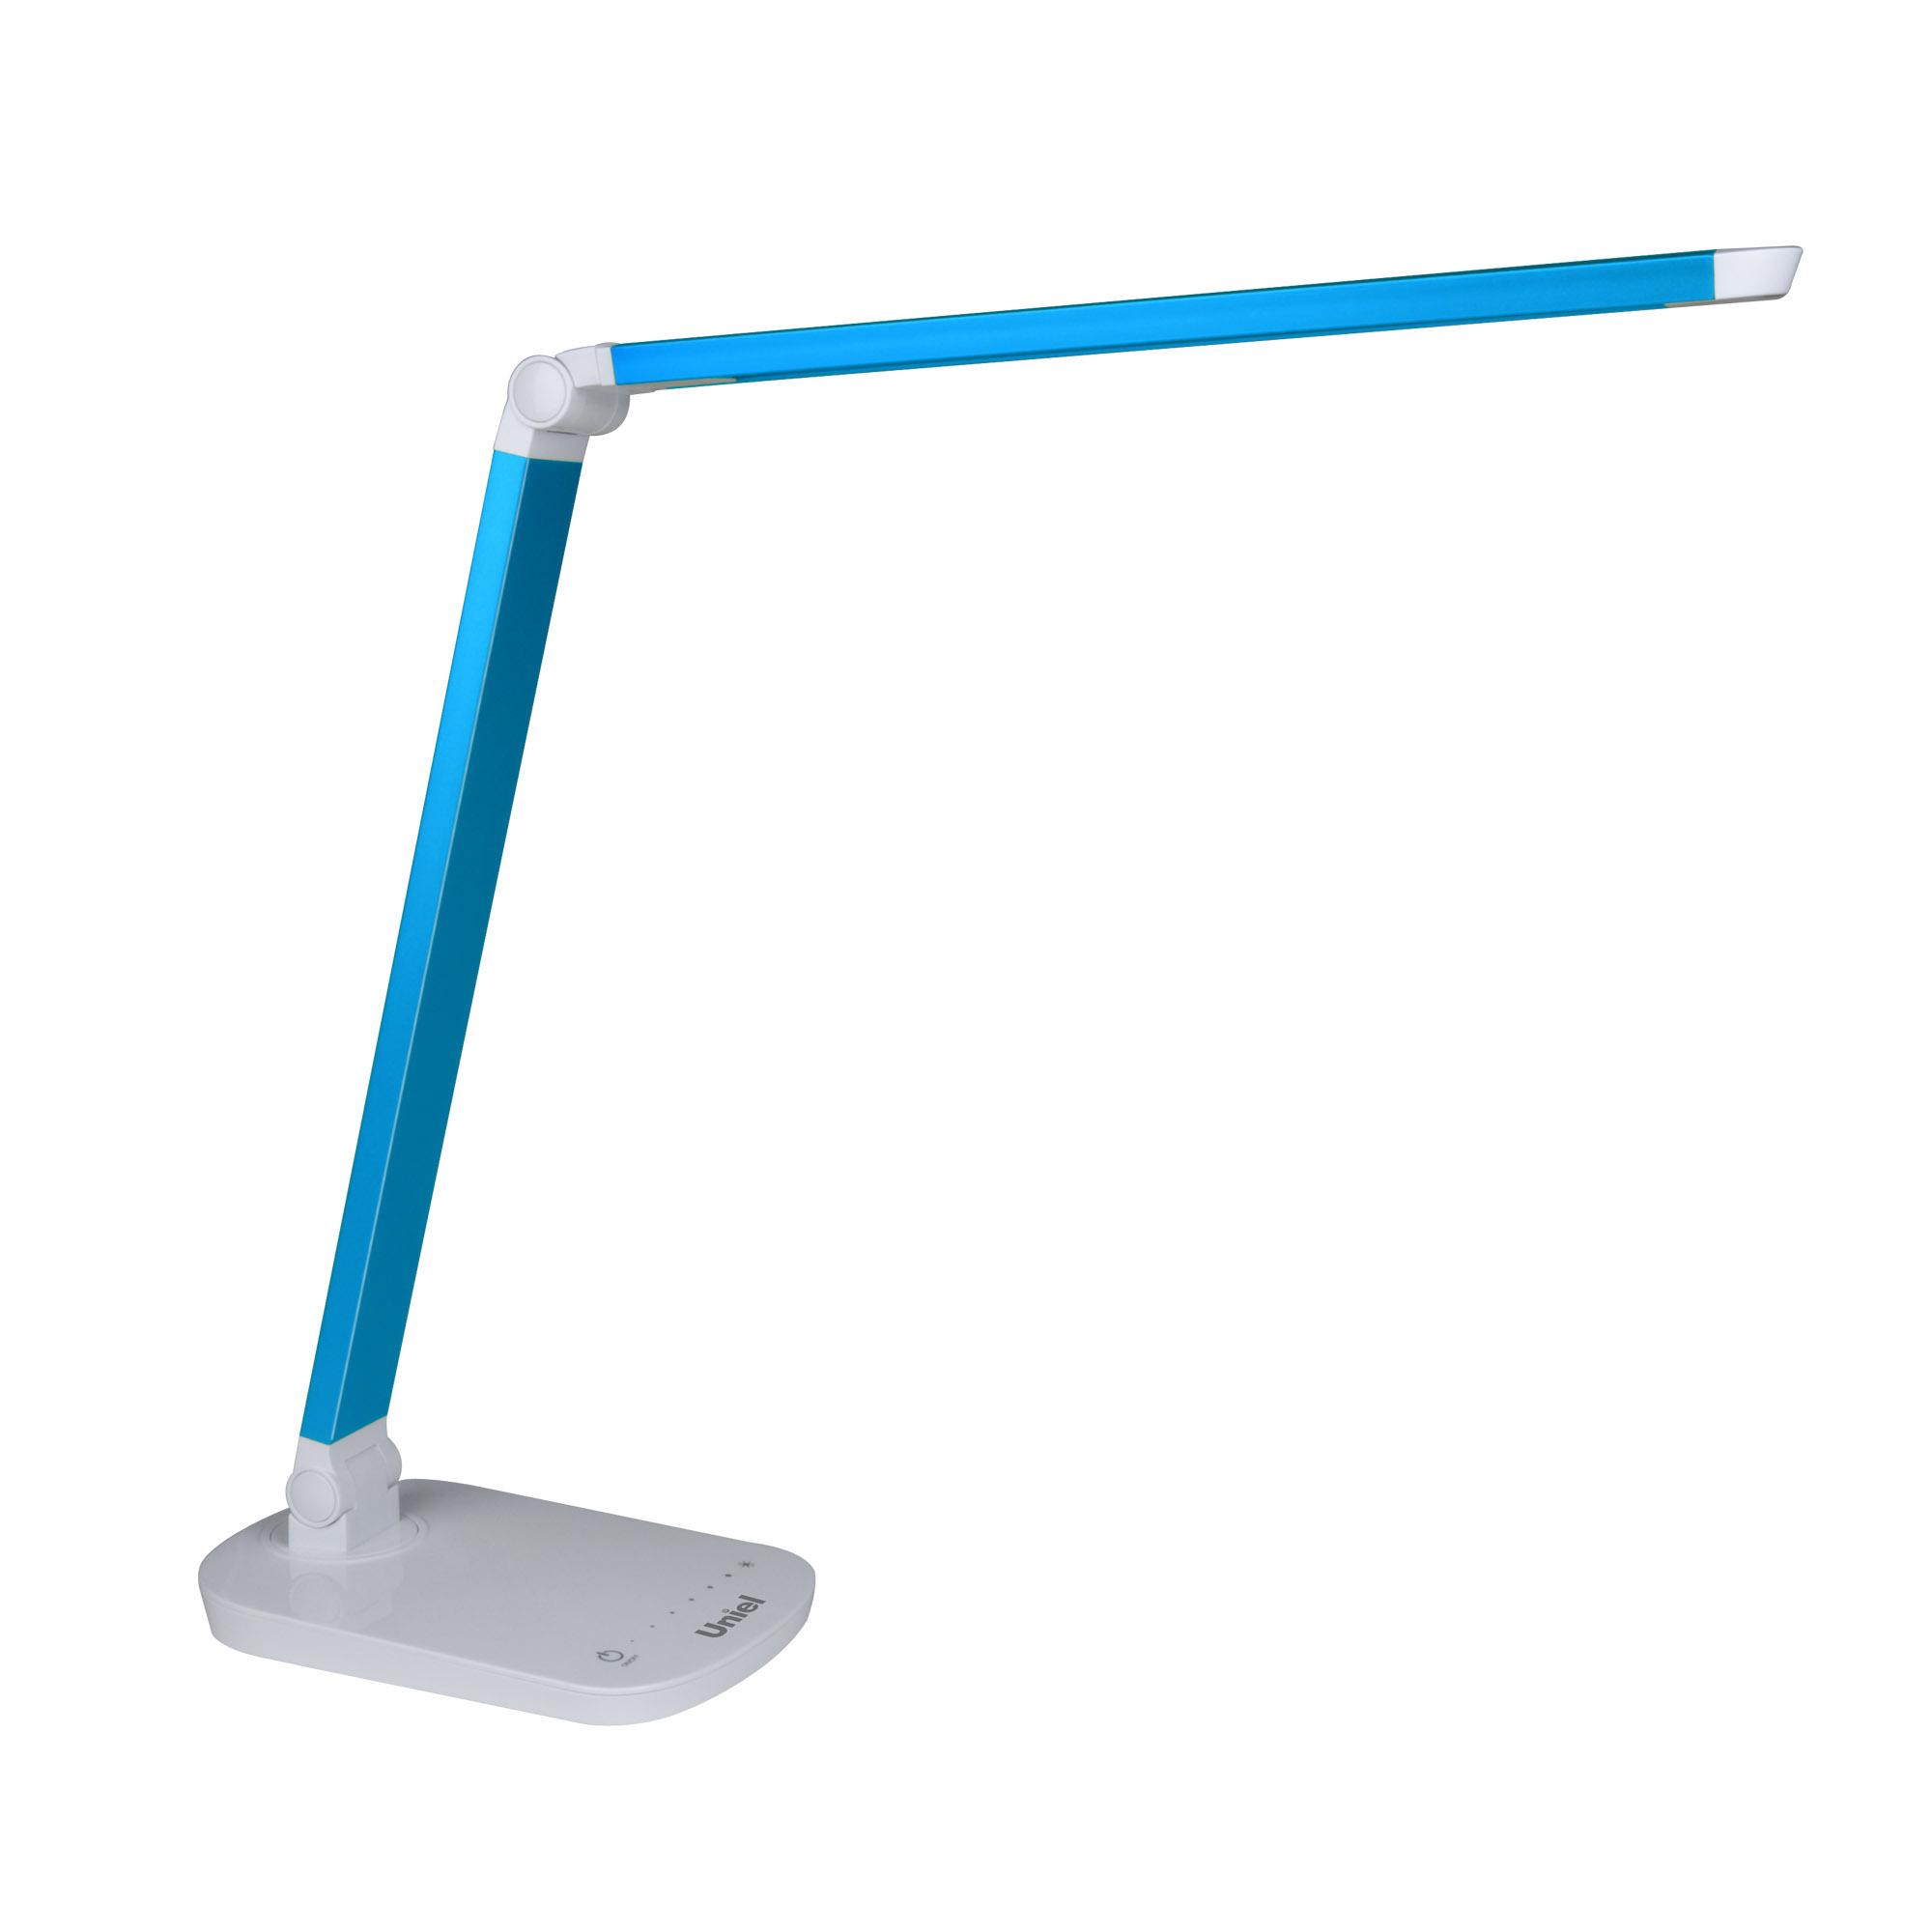 Настольная лампа светодиодная TLD-521 Синий; Зеленый.